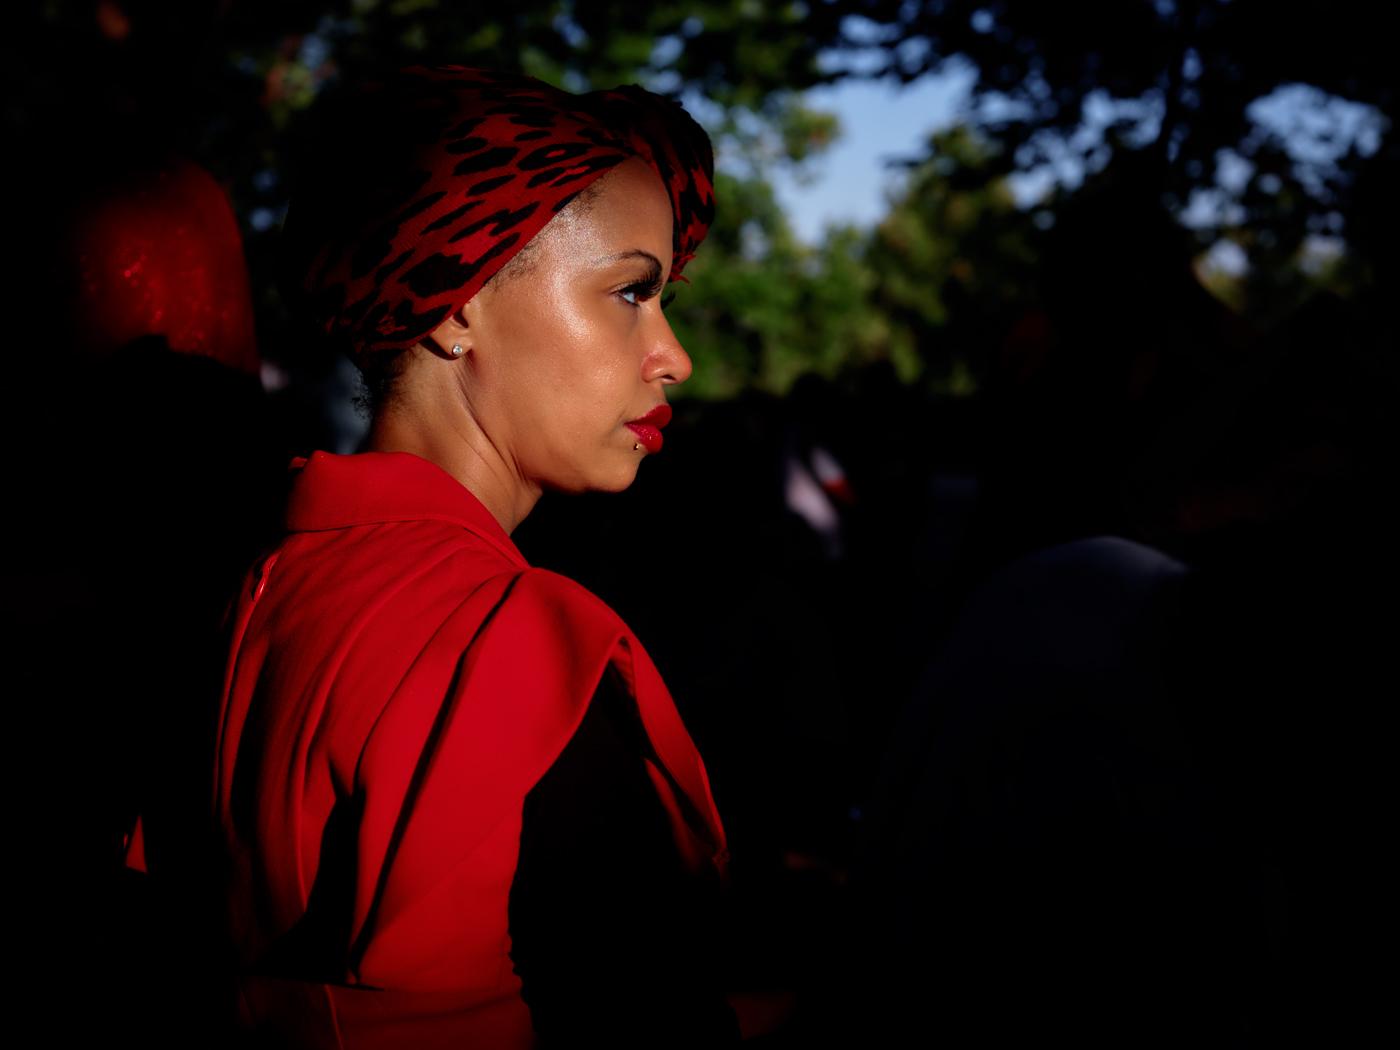 La Femme en Rouge | 2019